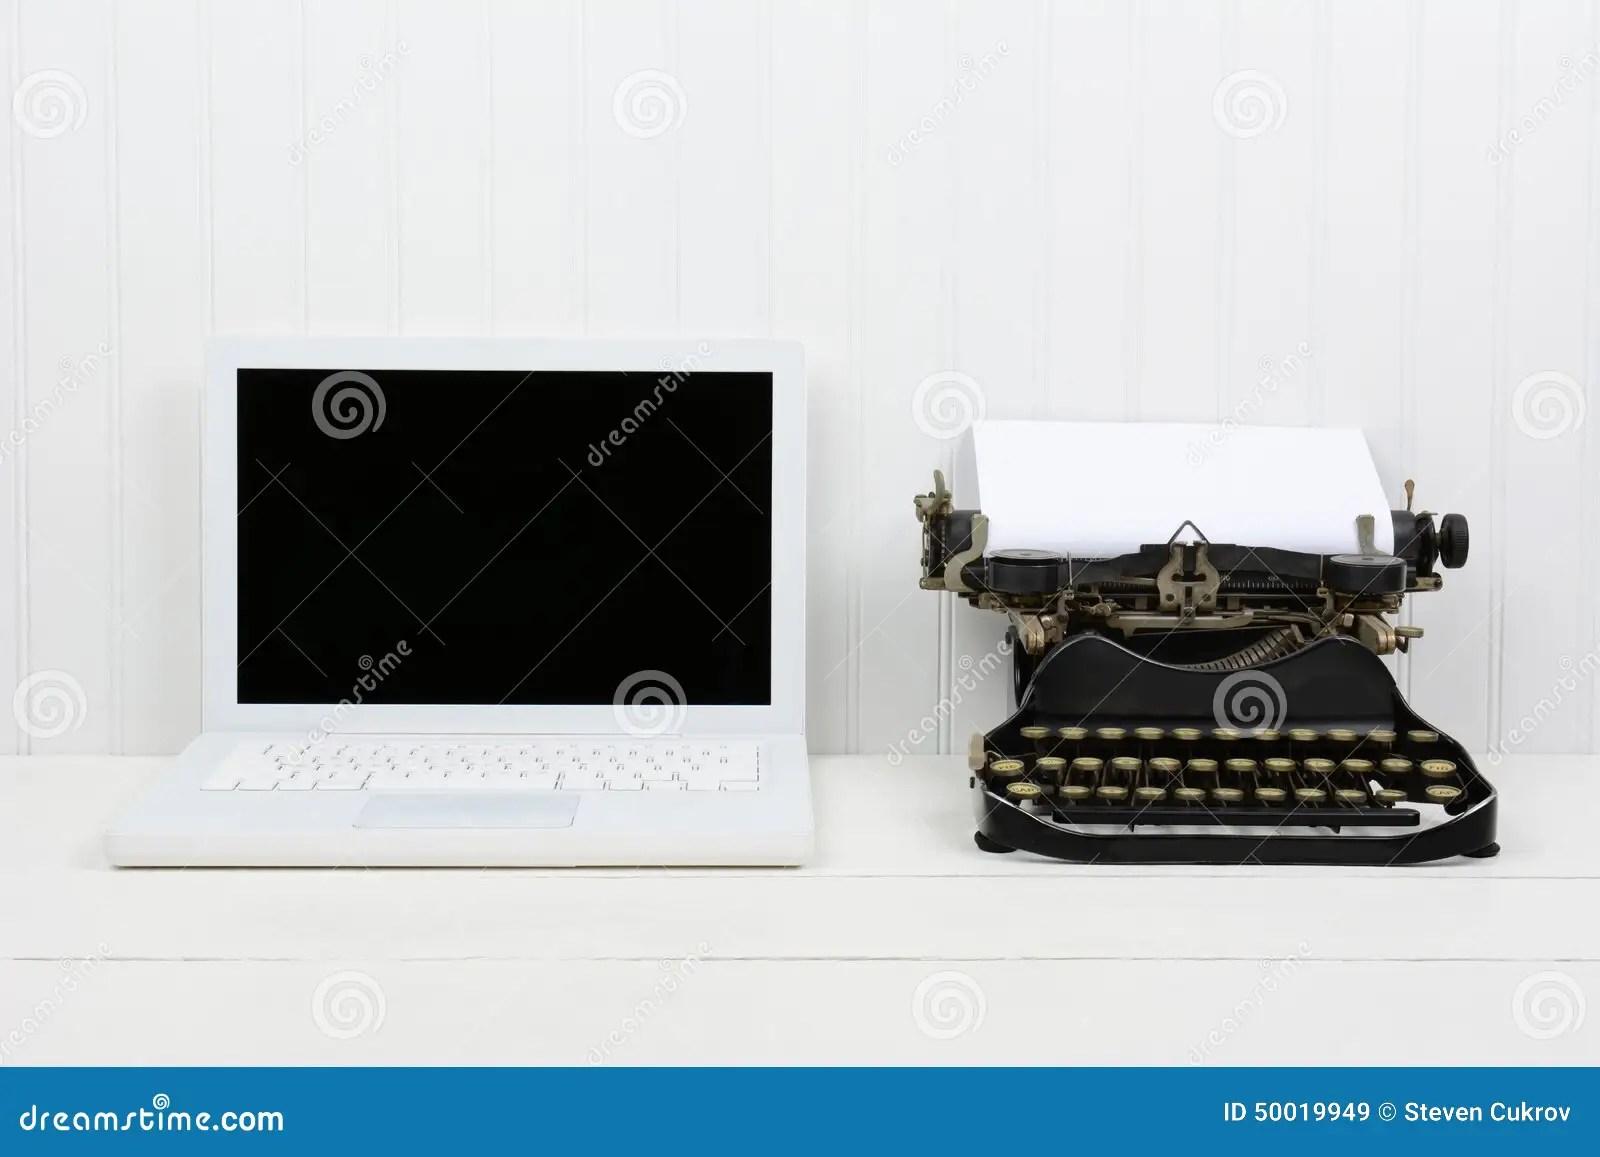 Modern Laptop And Antique Typewriter Stock Photo  Image